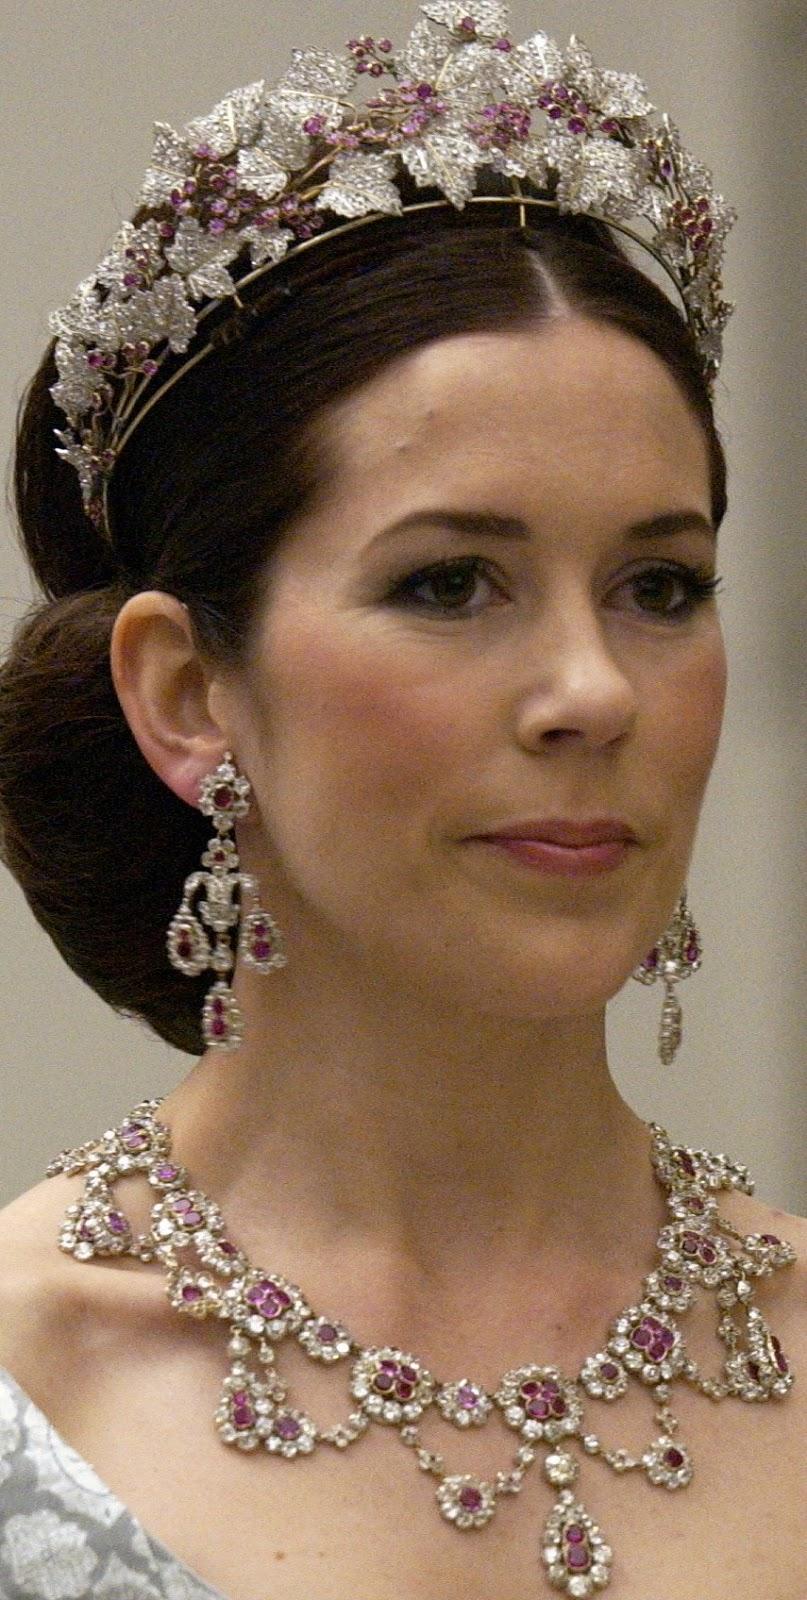 Queen Jewels 2004 Rar